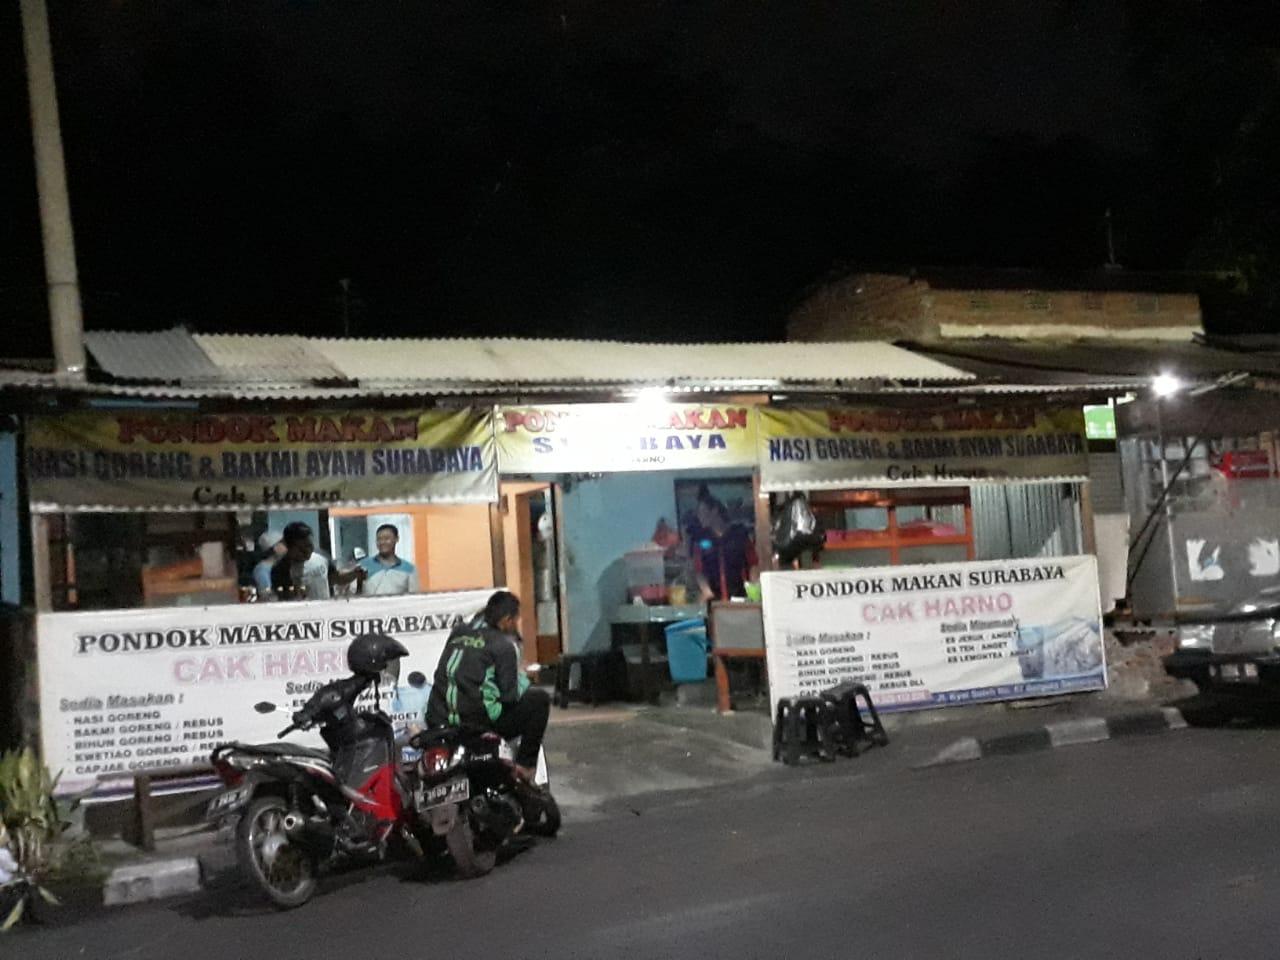 Pondok Makan Surabaya Cak Harno di Kota Semarang Murah Tapi Enak